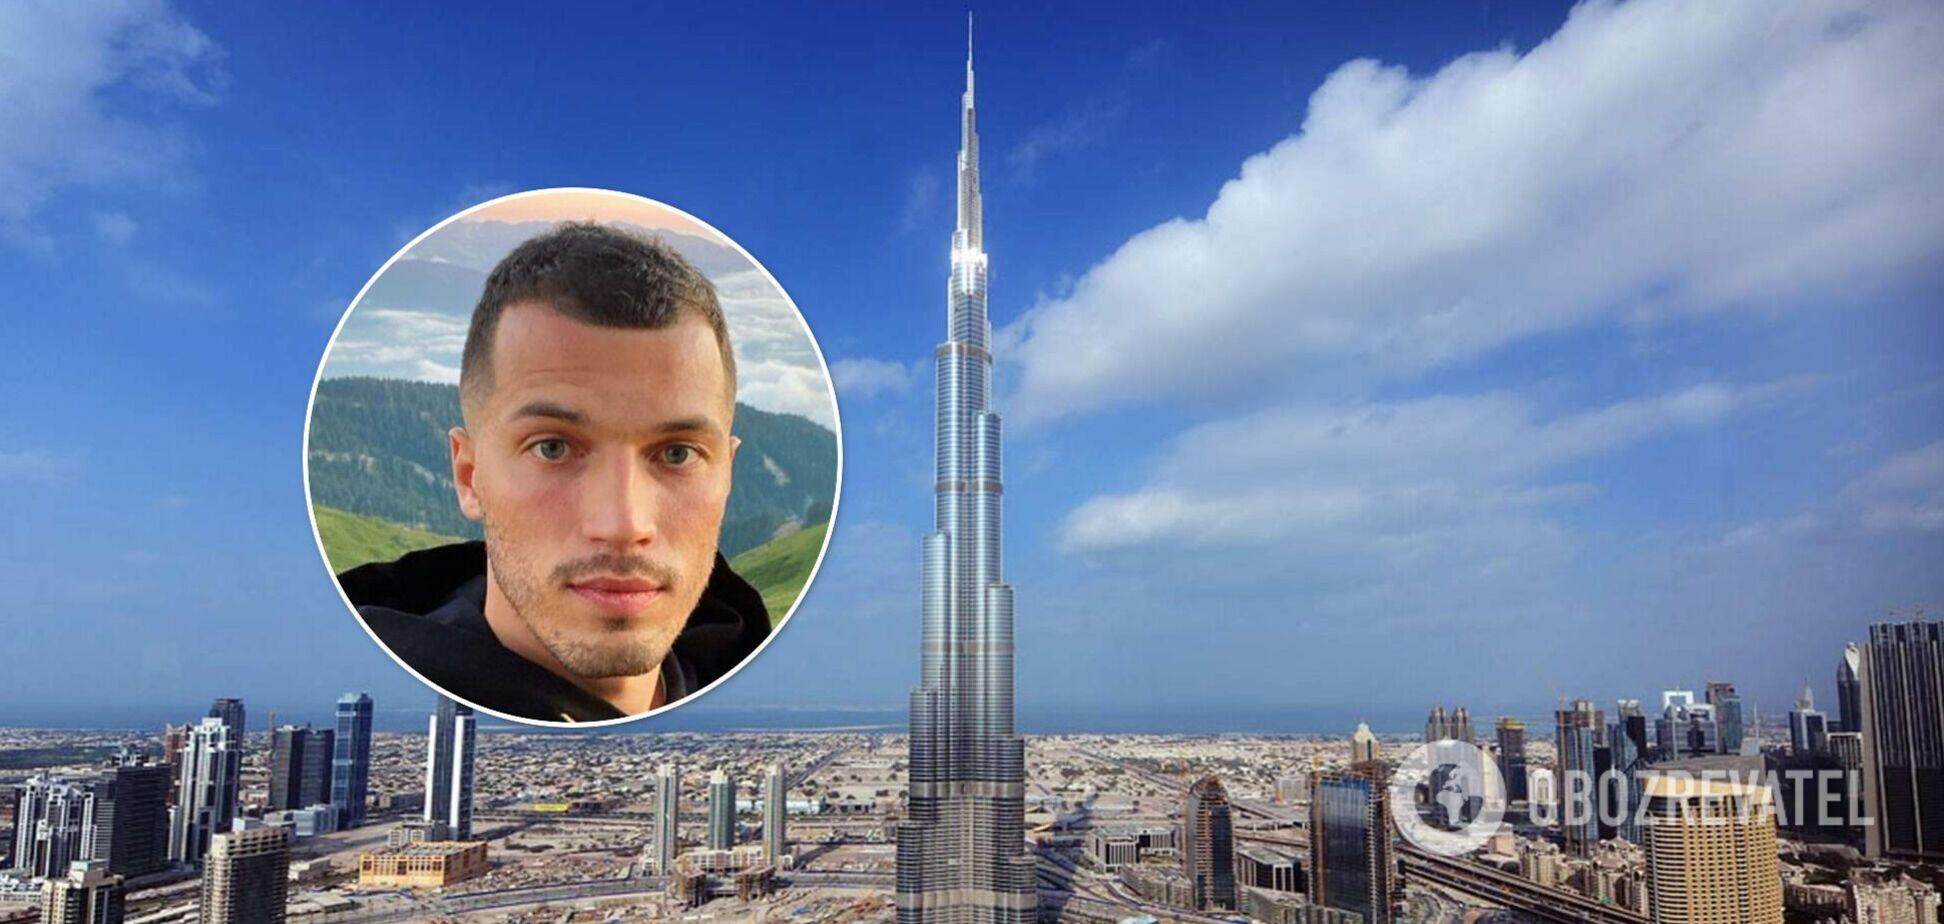 Затриманий айтішник із Росії заперечує причетність до голої фотосесії в Дубаї